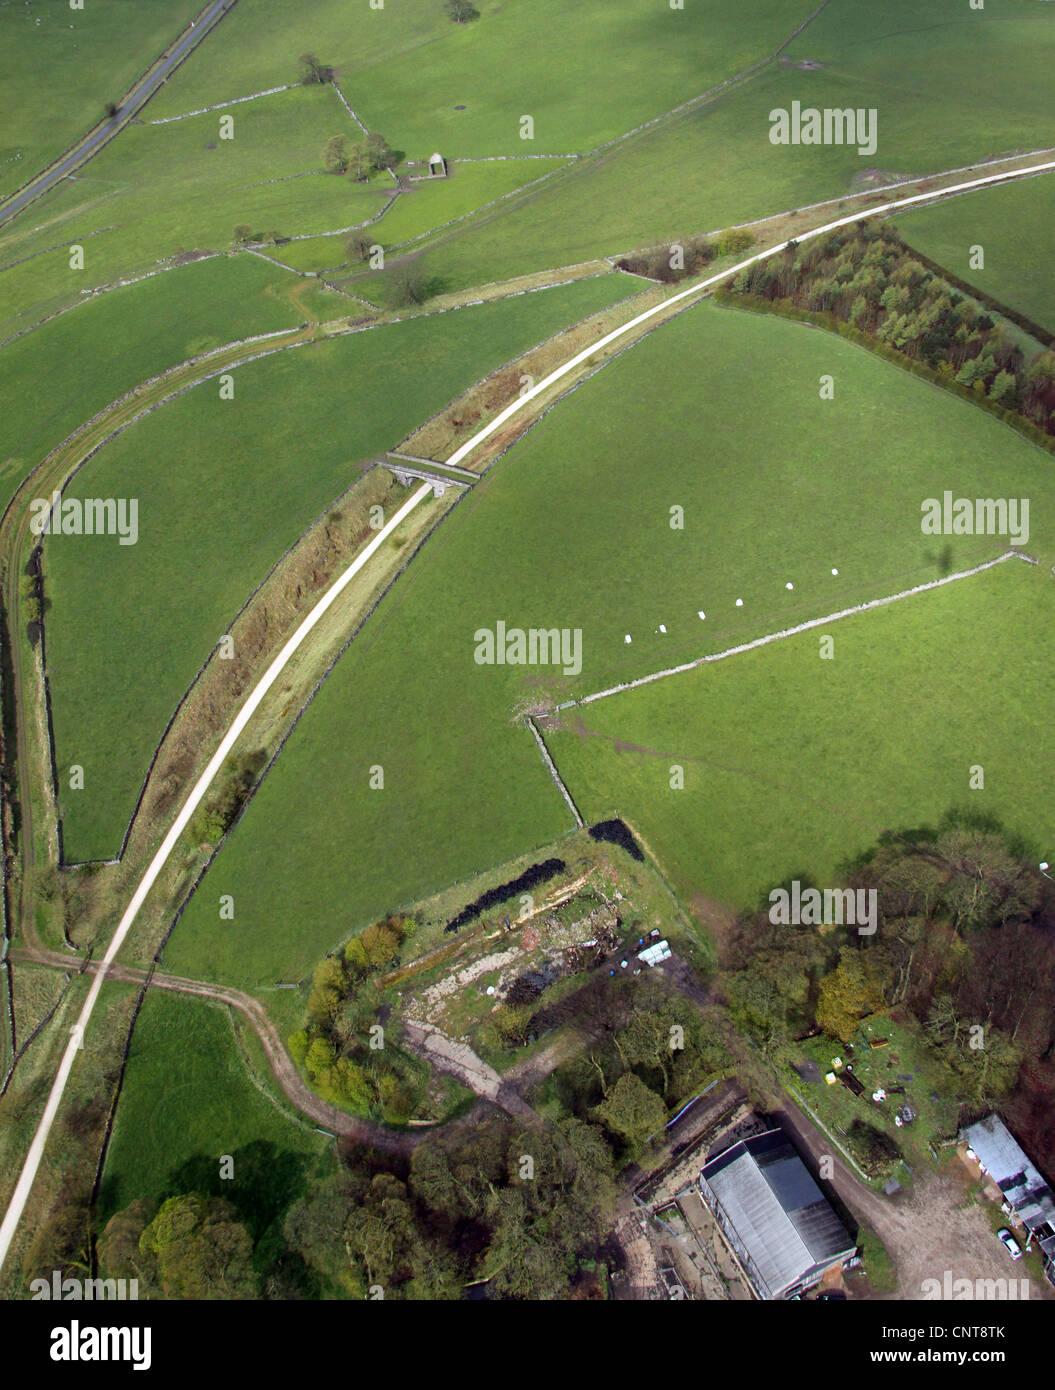 Vista aérea de un ciclo en el Peak District Imagen De Stock